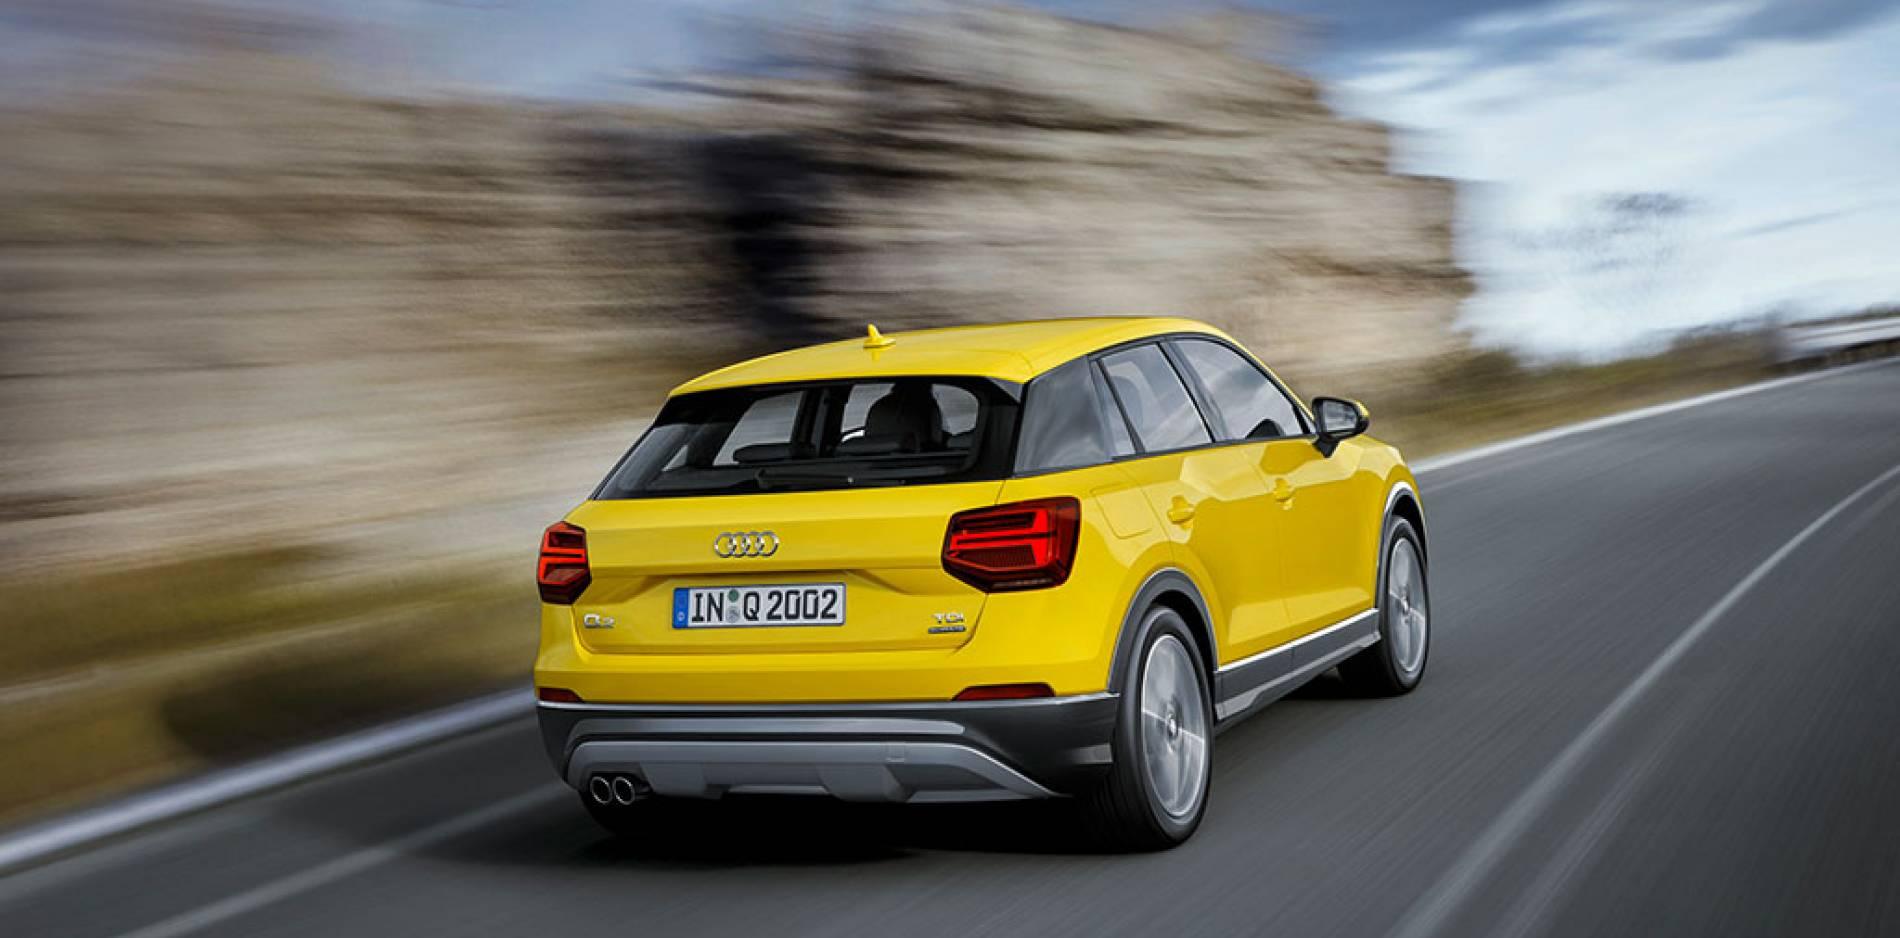 Prueba Audi Q2, así va el nuevo todocamino urbano